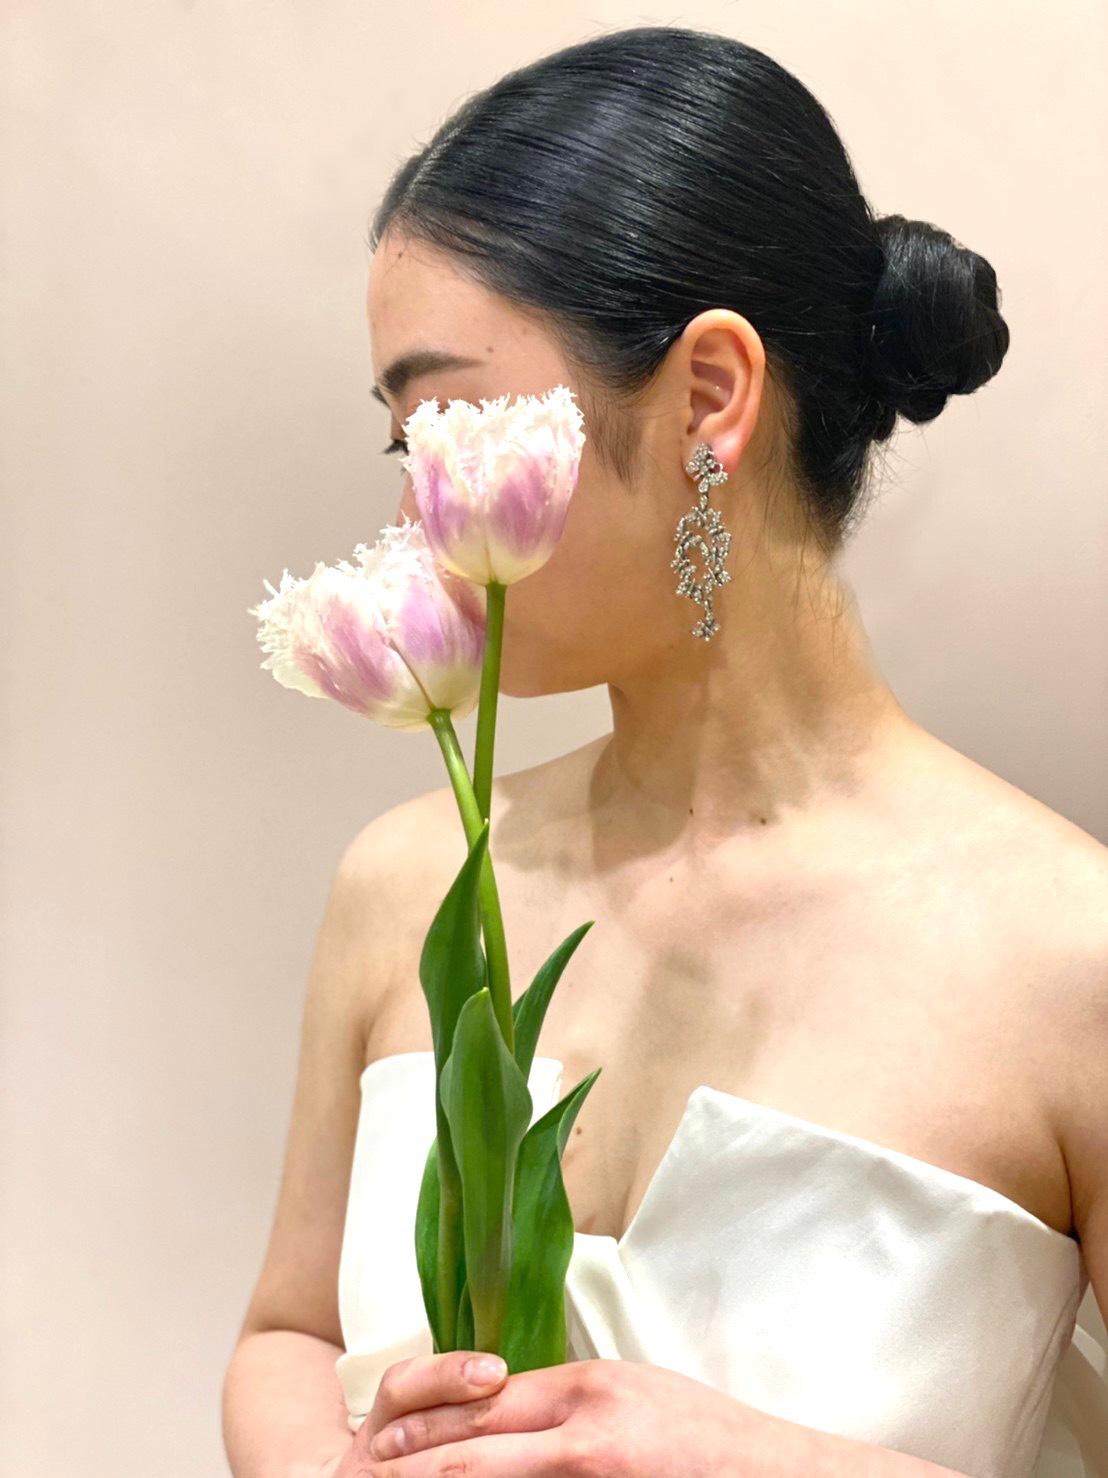 アントニオリーヴァのサテンのドレスにオスカーデラレンタの蝶々のイヤリングを合わせたスタイリッシュで上品なコーディネート